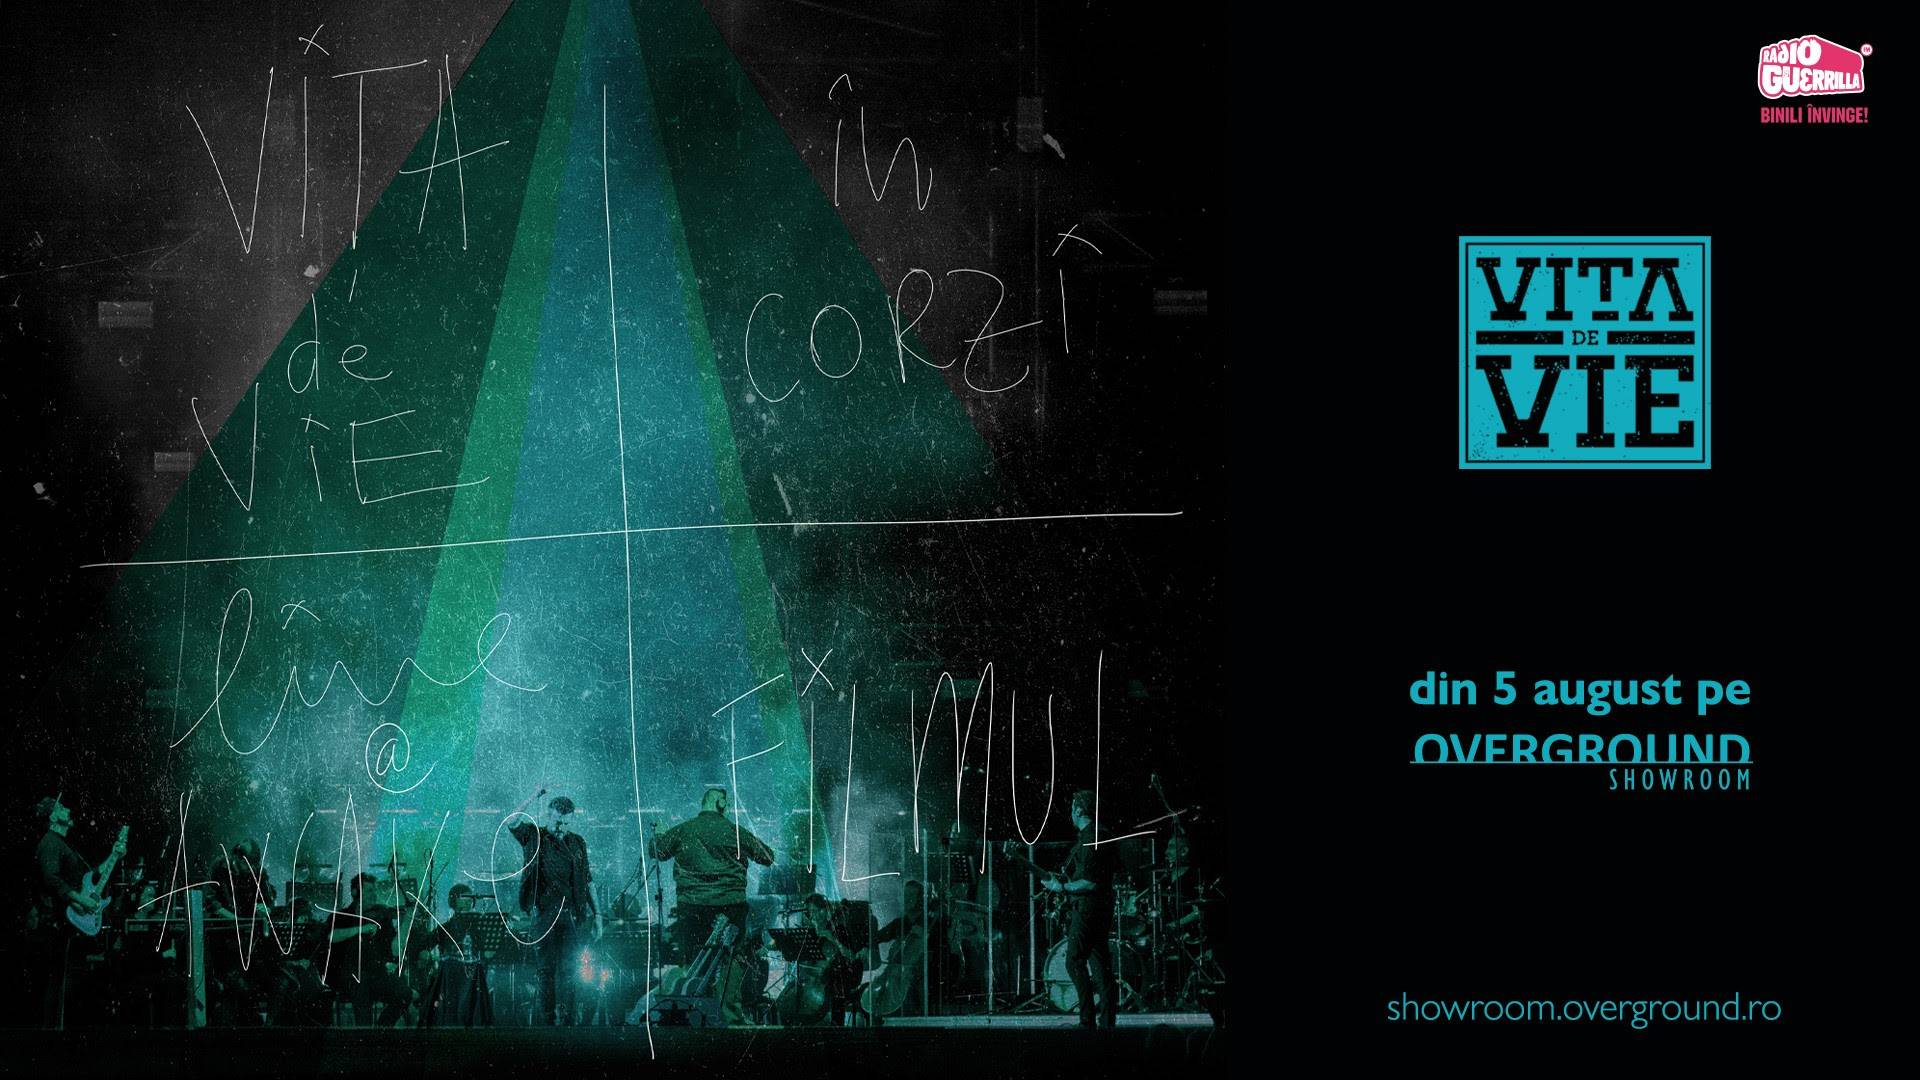 """Concertul Vița de Vie – """"În Corzi"""" live @ Awake va avea avanpremiera în cadrul TIFF, pe 4 august, și ulterior va fi disponibil pentru streaming on demand"""